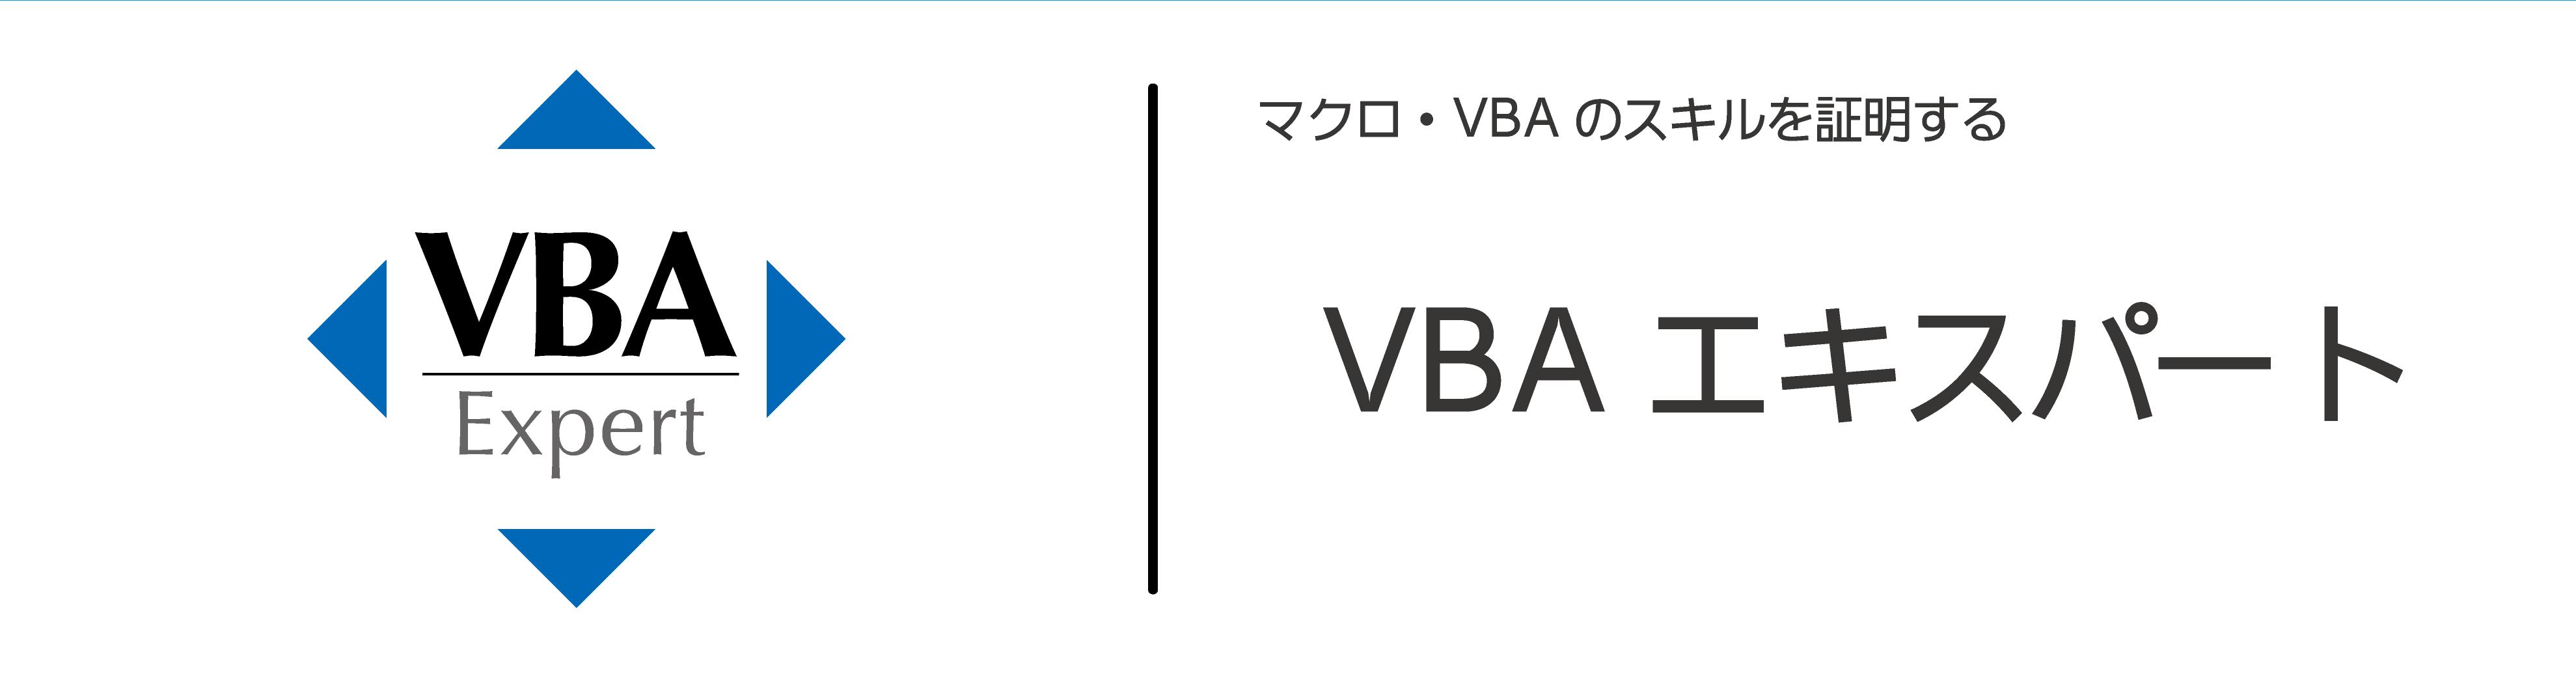 マクロ・VBAのスキルを証明する VBAエキスパート